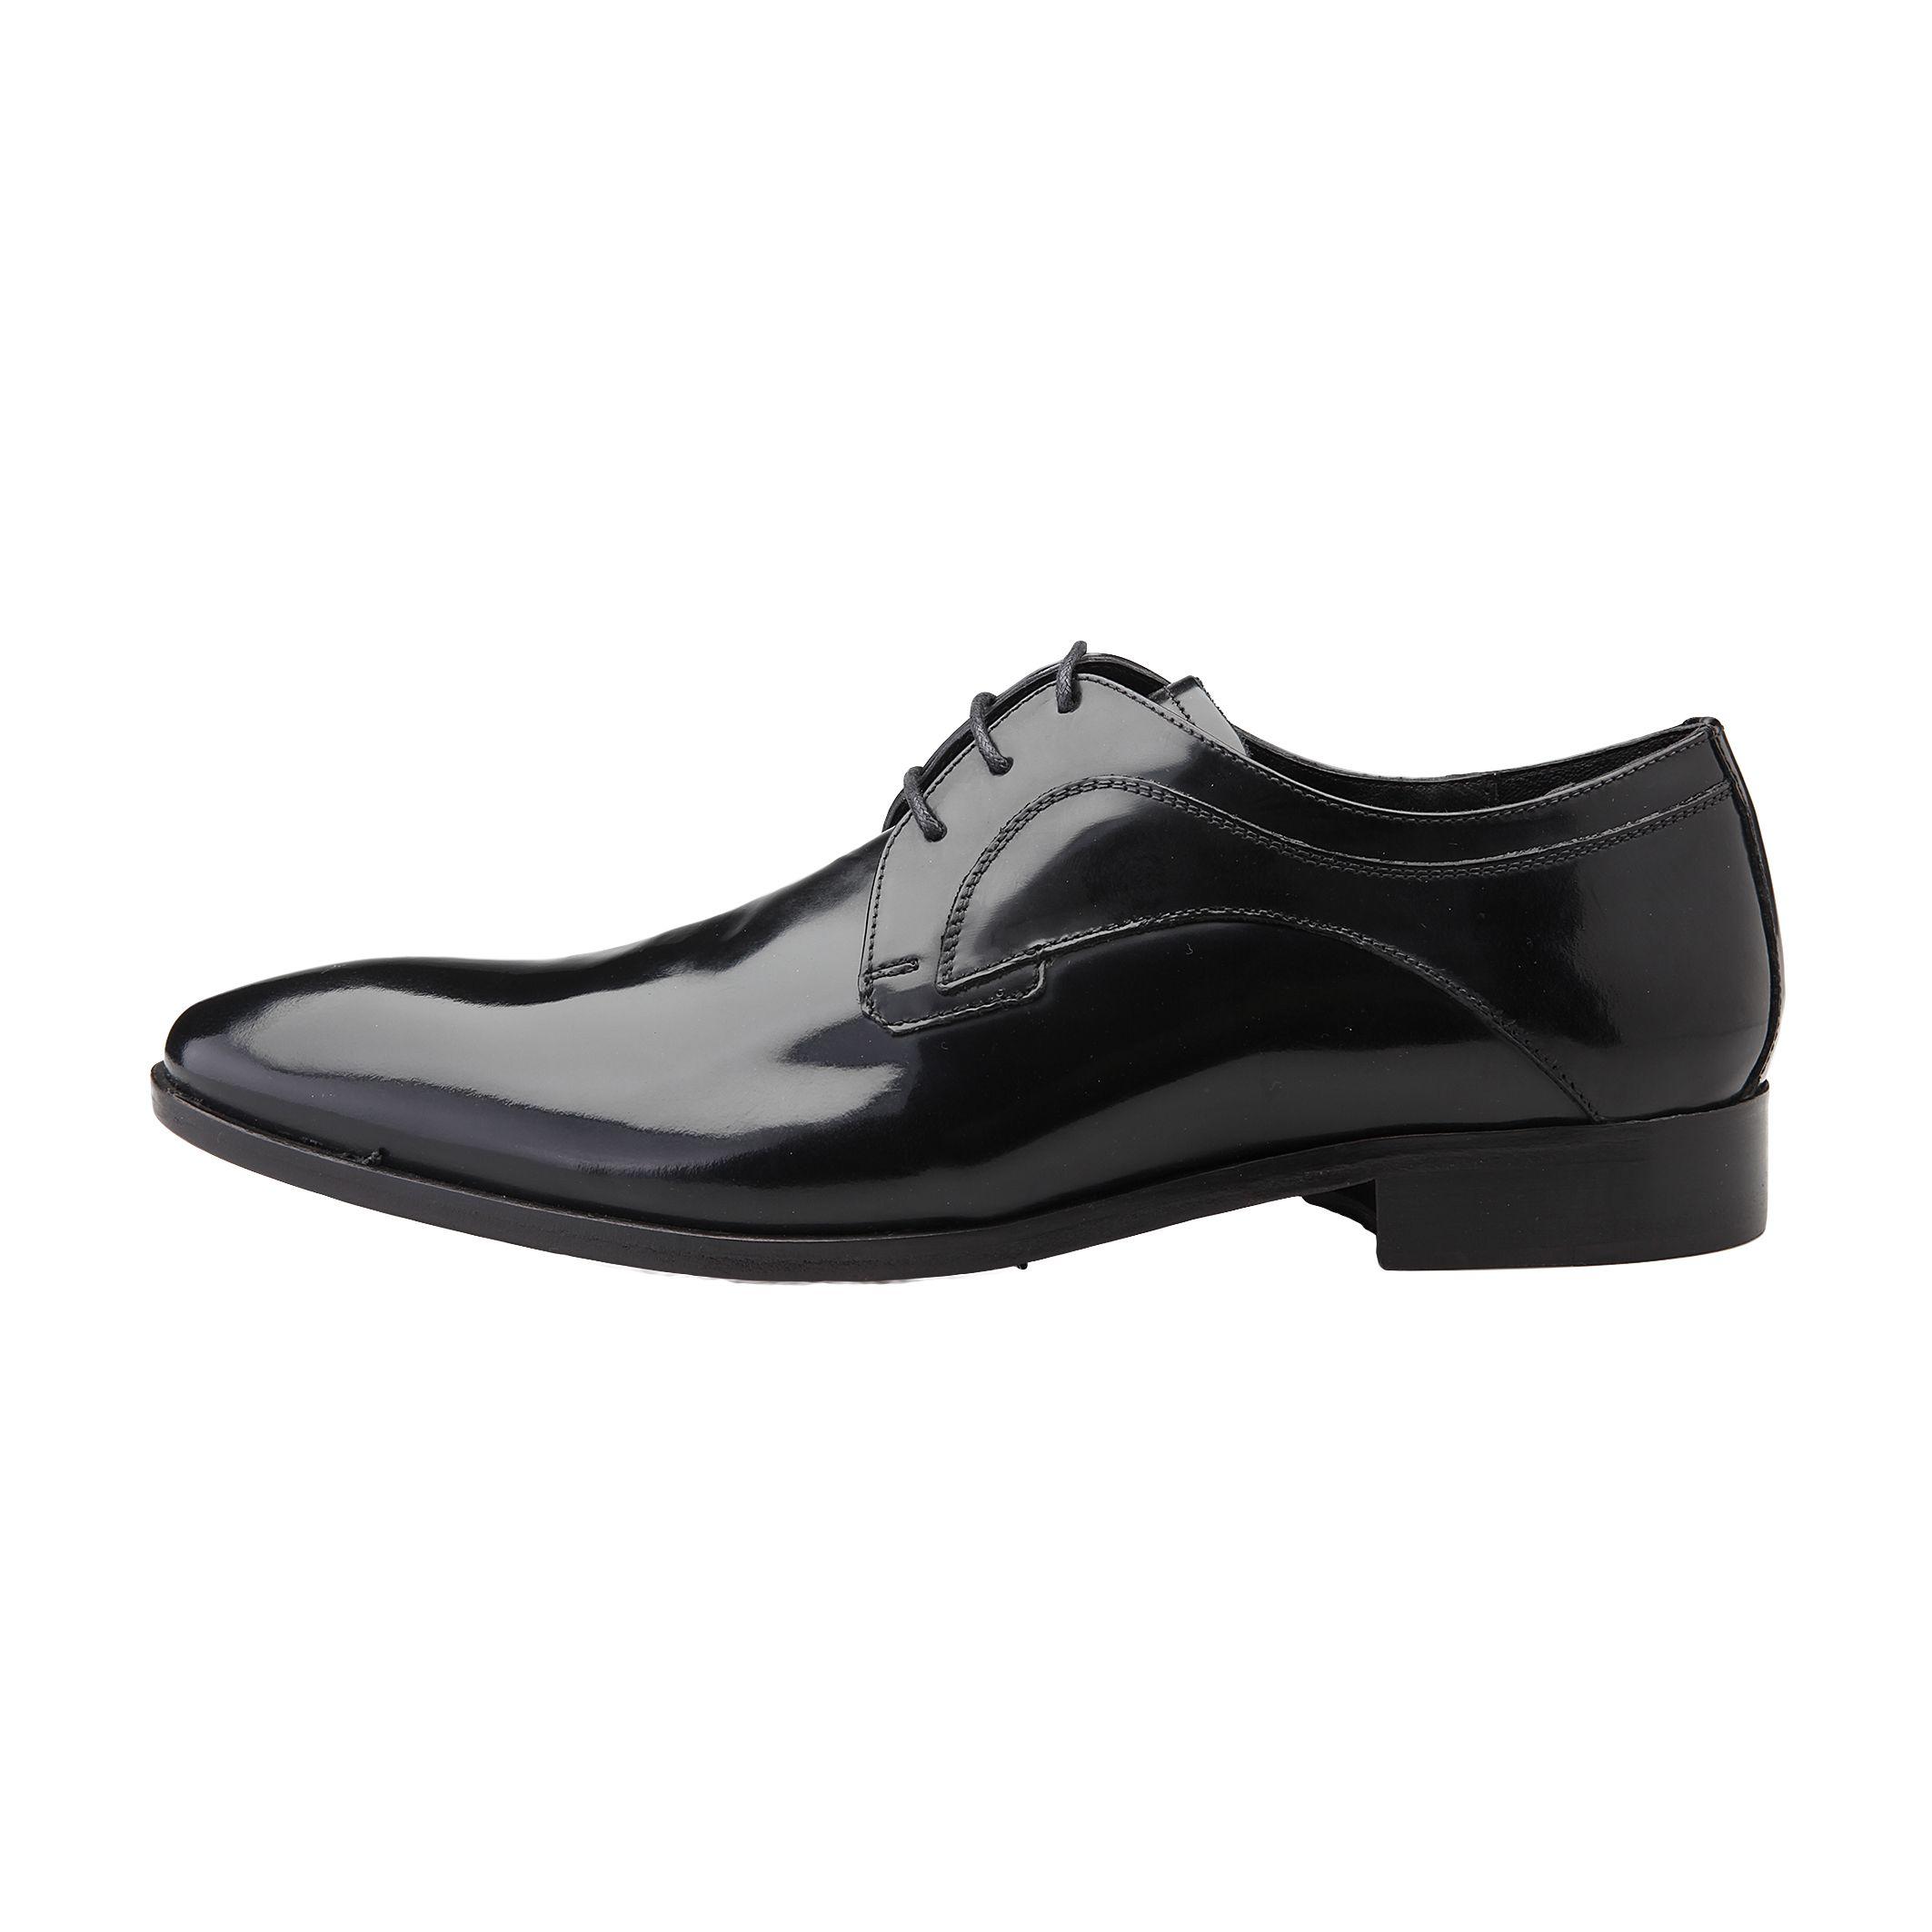 VERSACE € 93,53 Shoes - Shop IWG